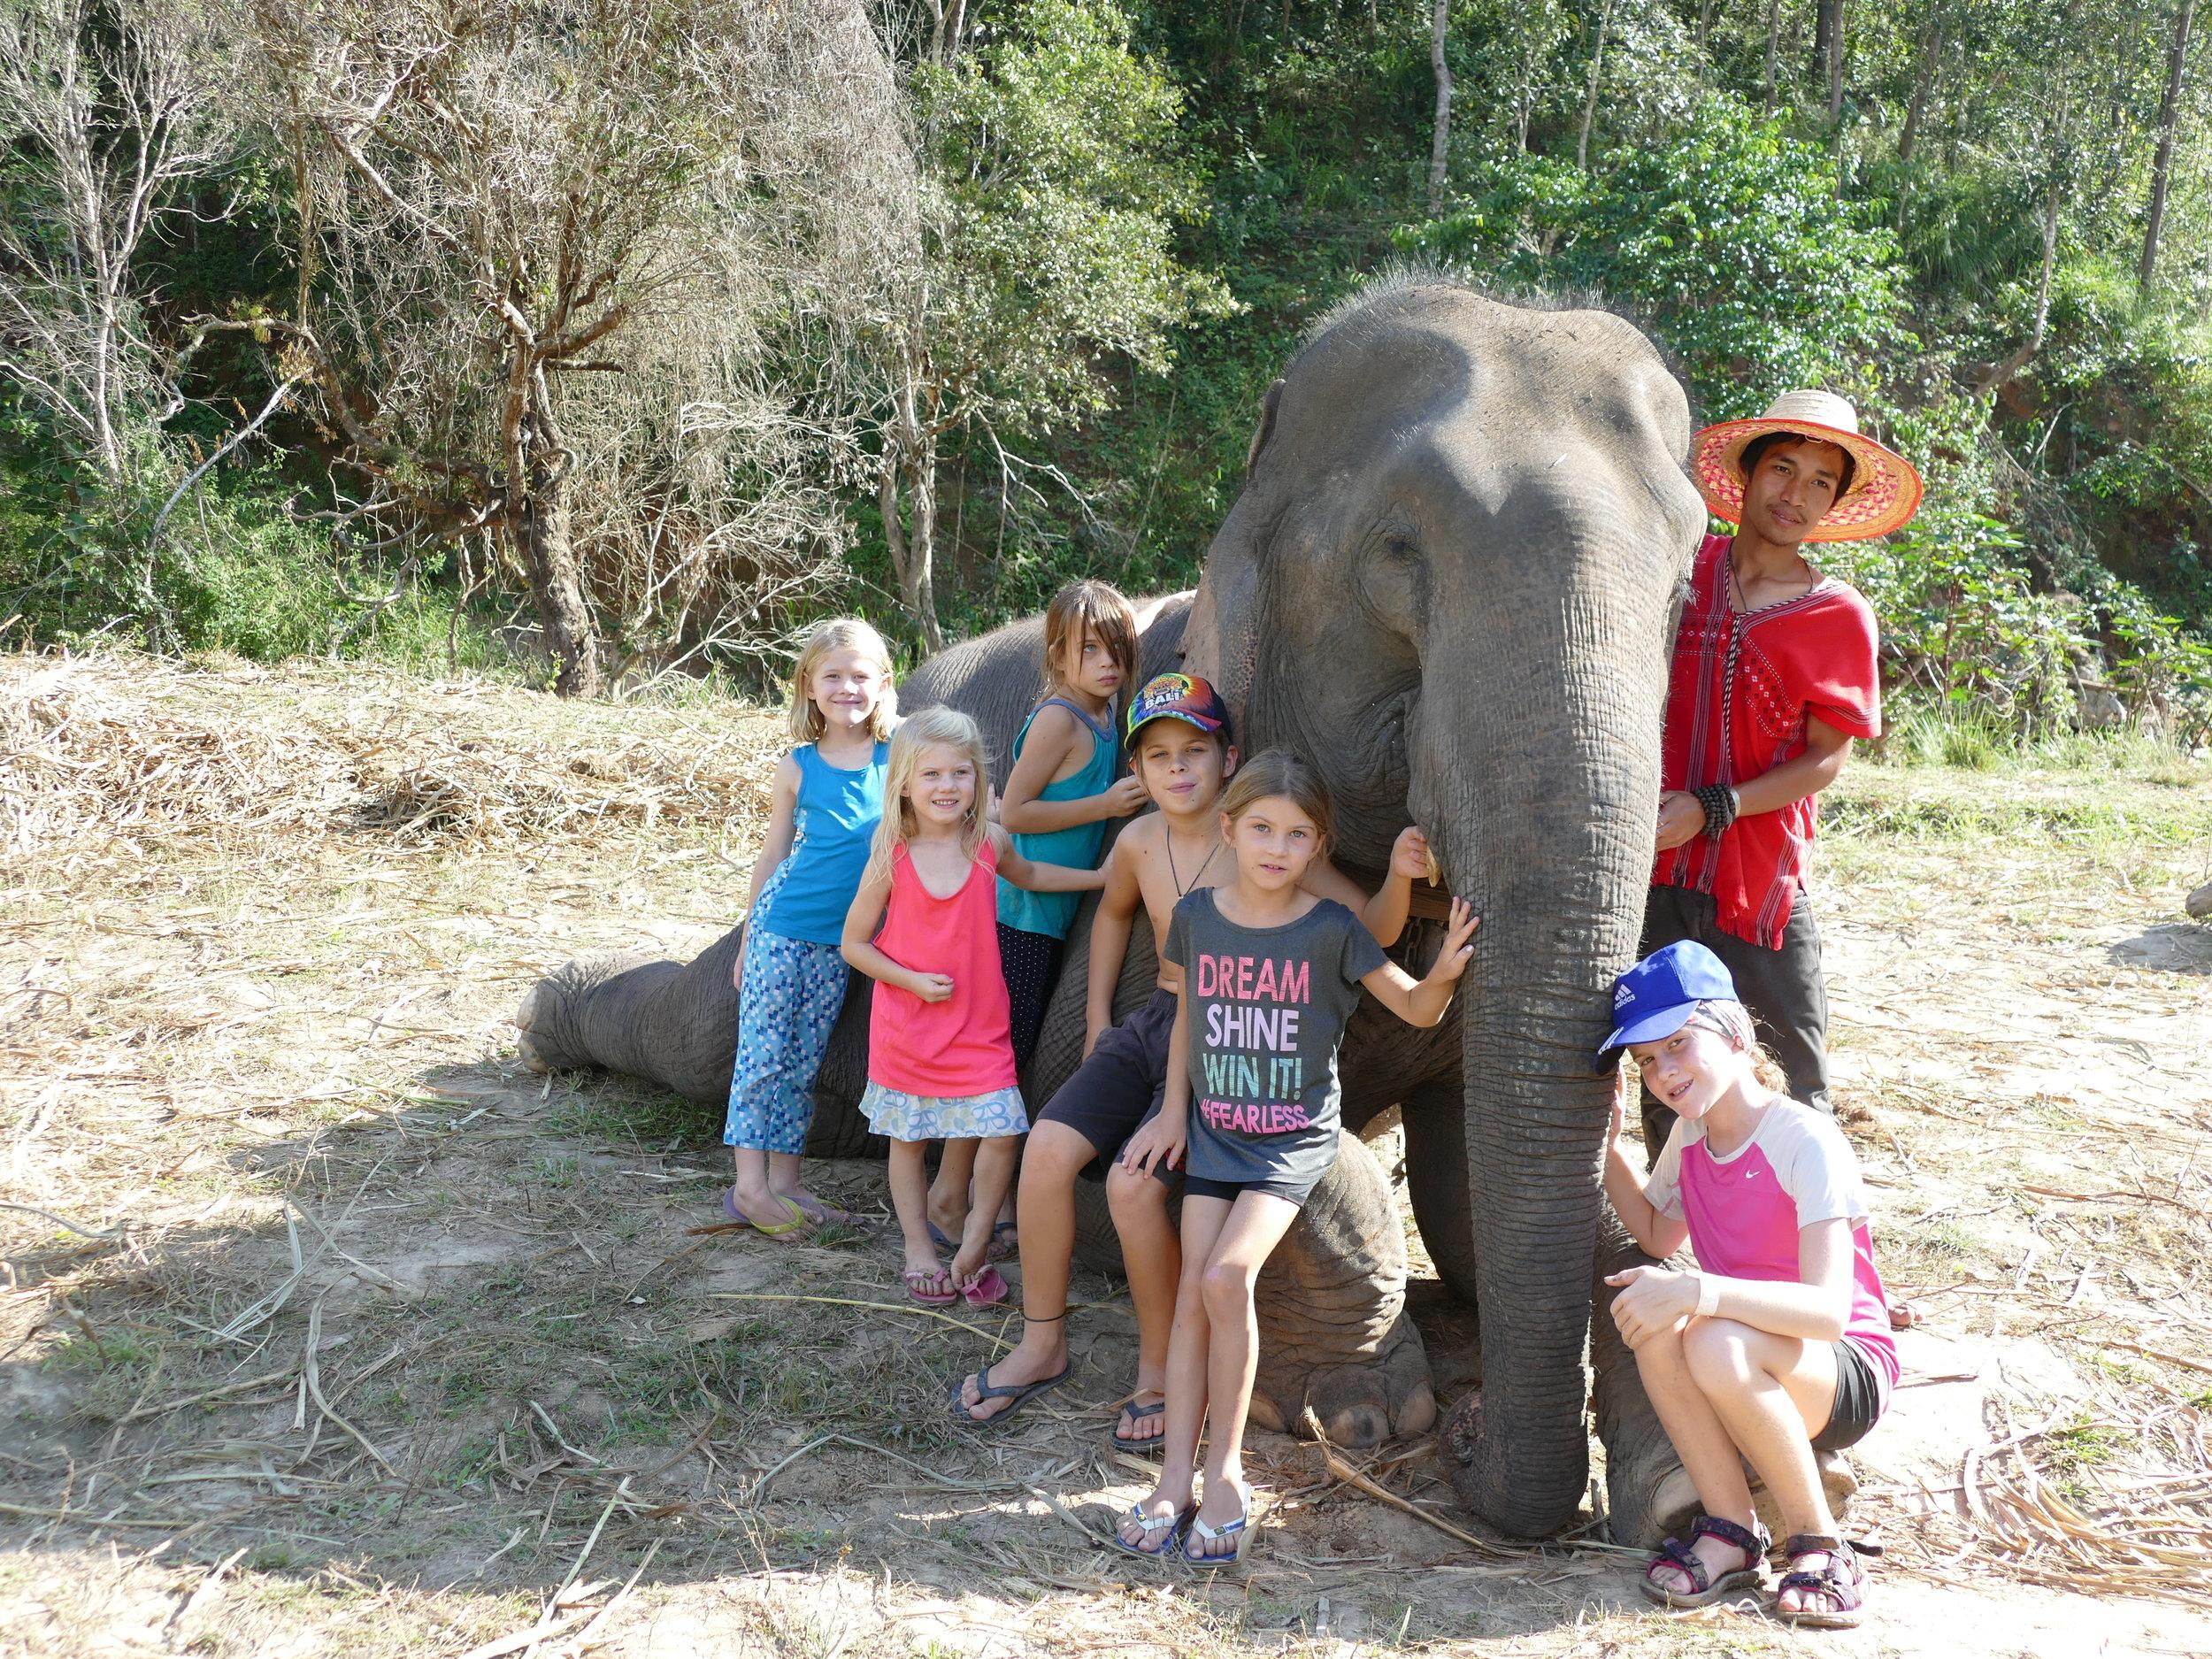 Des amis et un éléphant... le bonheur des enfants!